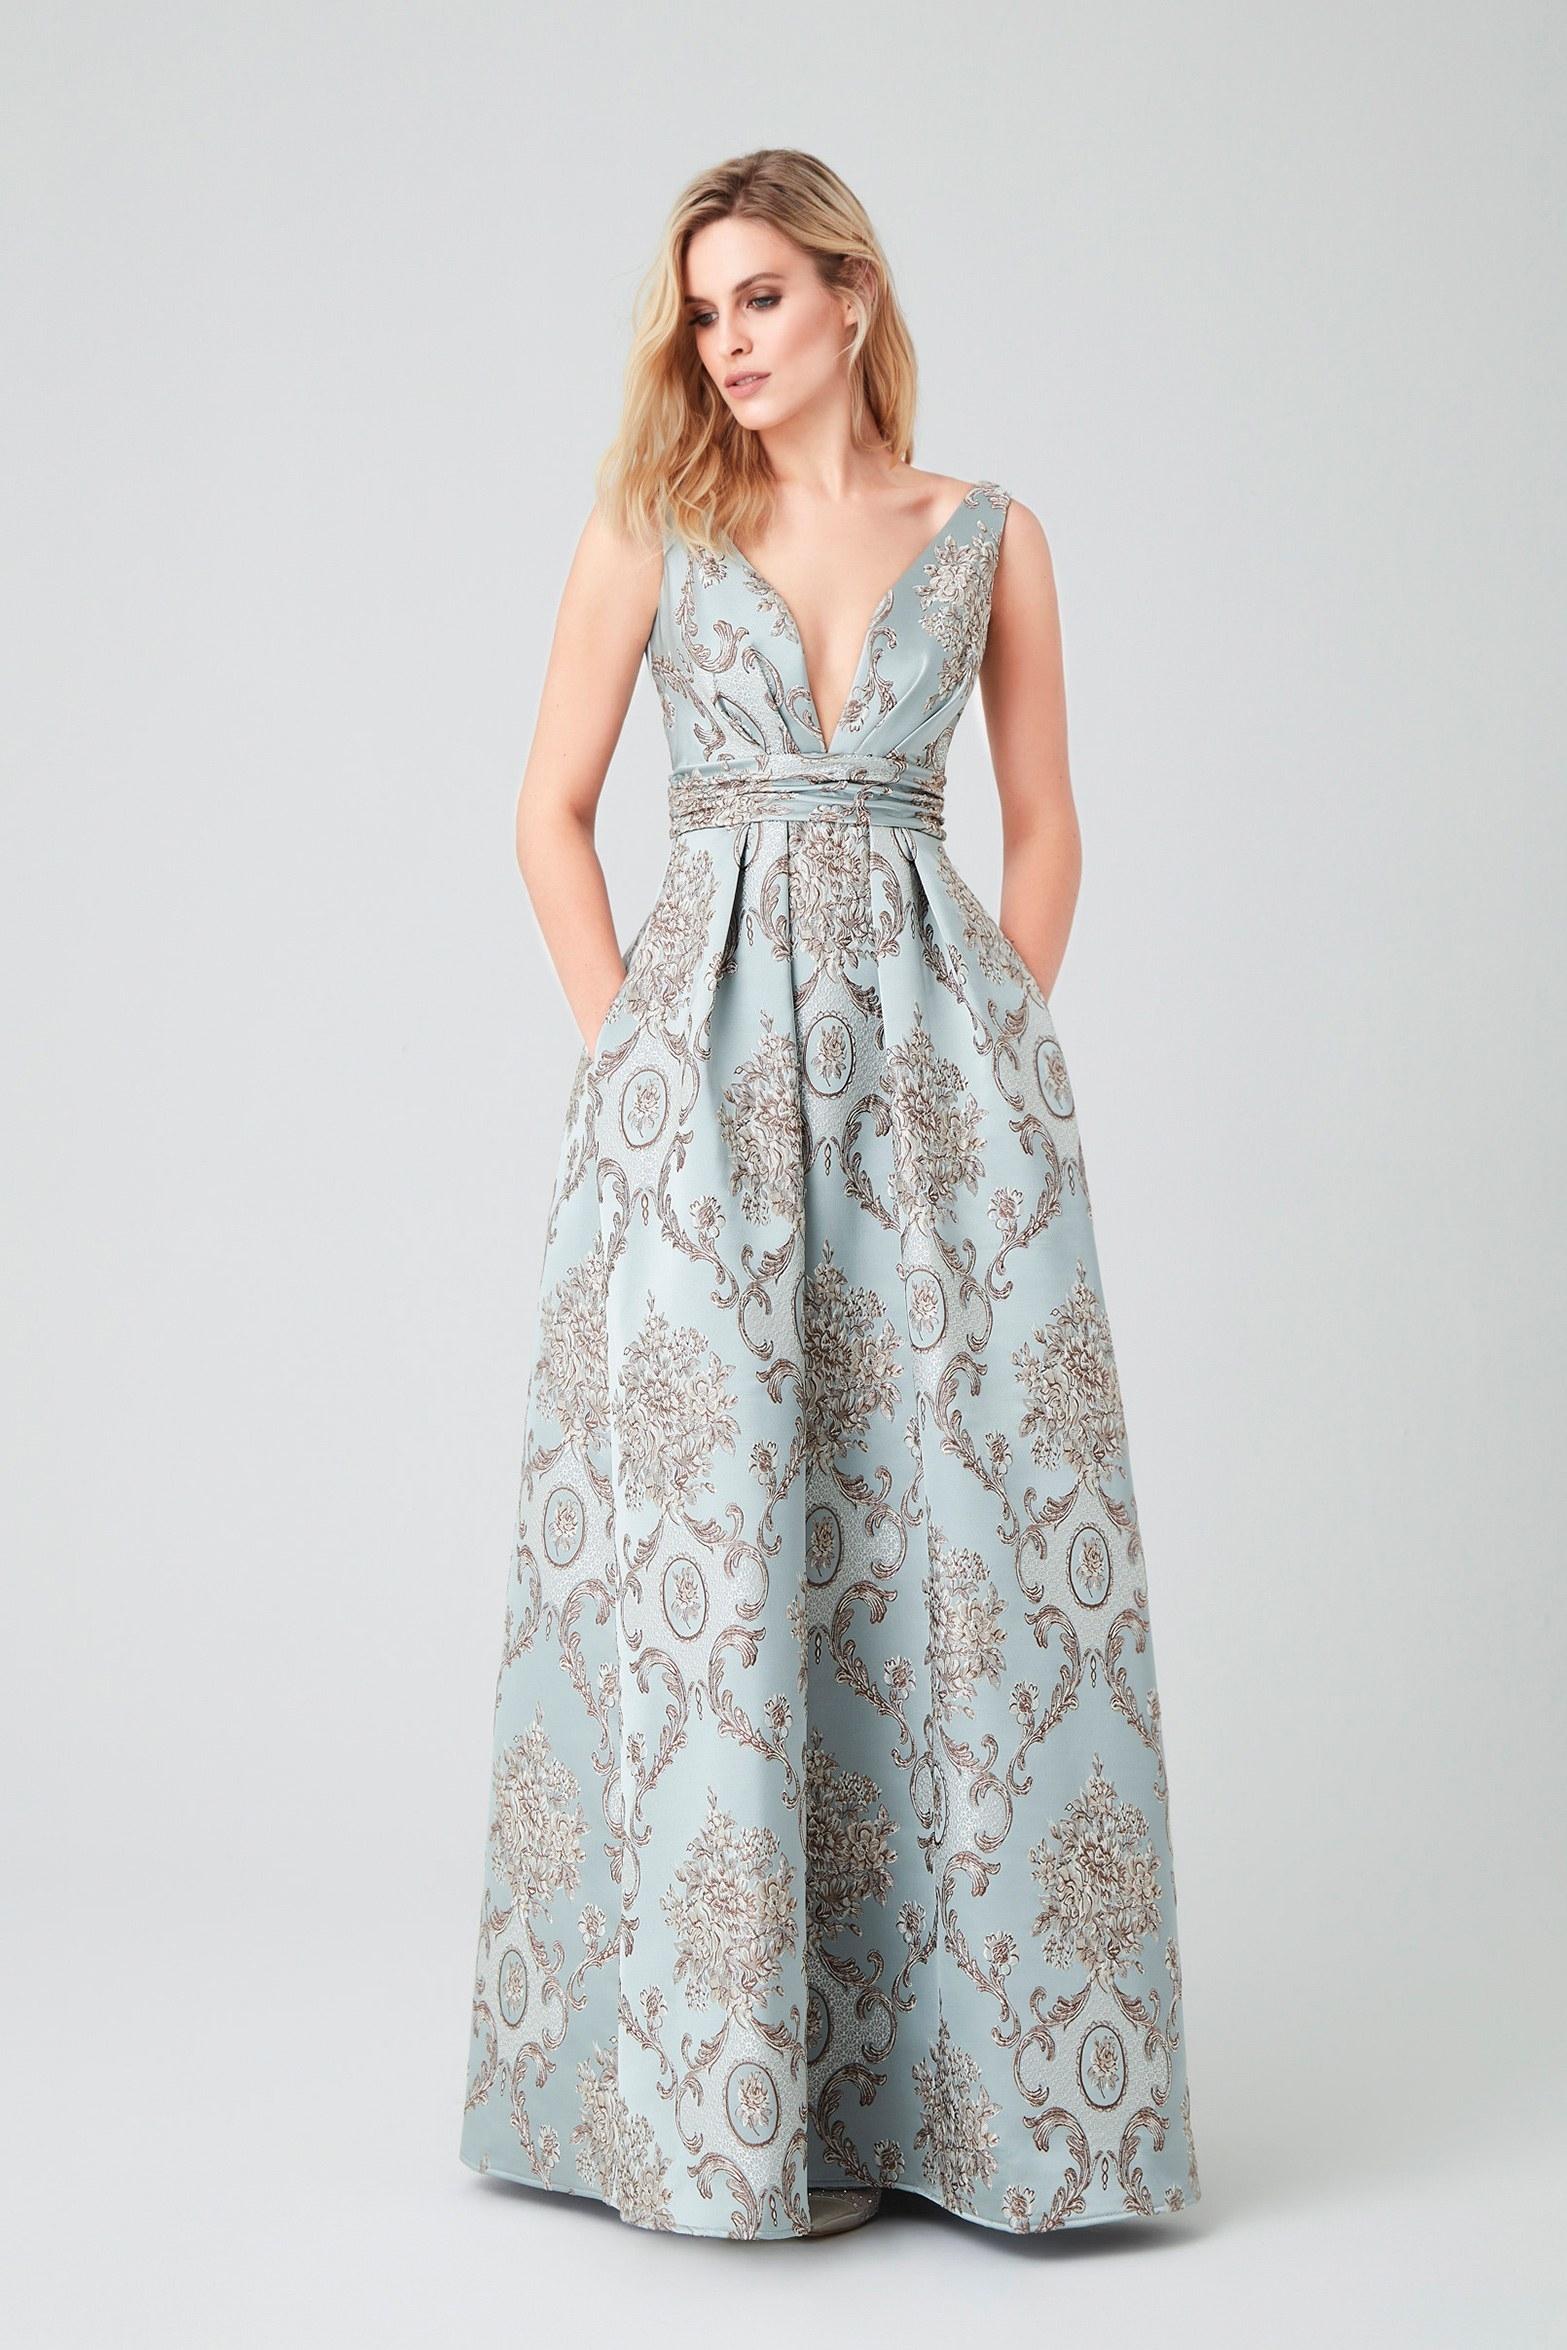 Açık Mavi Askılı Brokar Uzun Abiye Elbise - Thumbnail